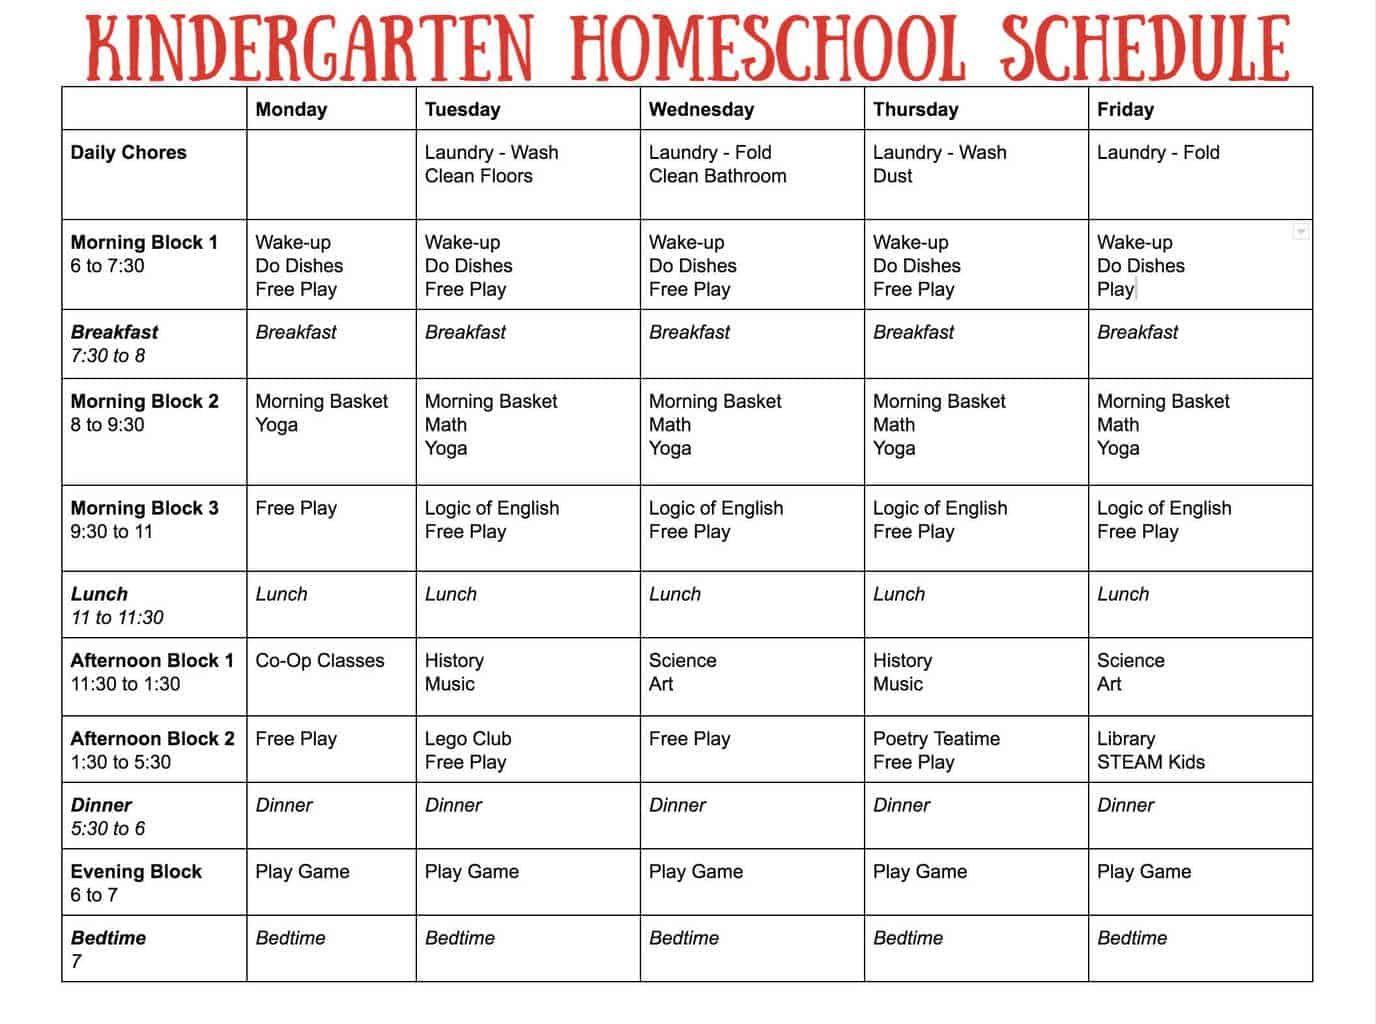 Simple Kindergarten Homeschool Schedule